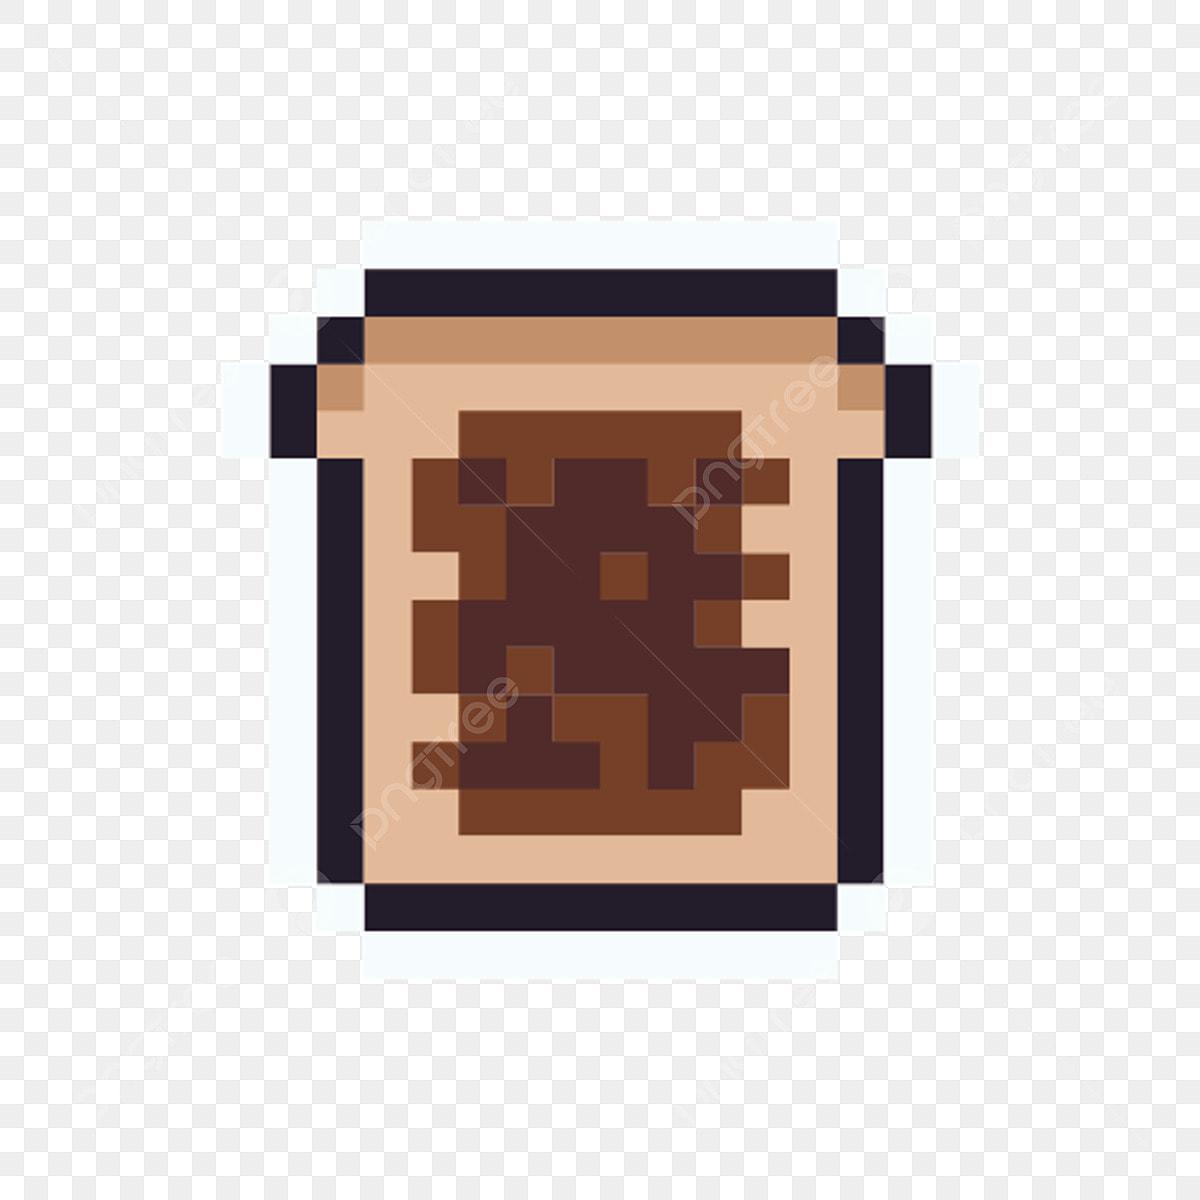 Pain Pixel Icon Dessin Anime Simple Style Arcade Nourriture De La Faim Dessin Anime Simple Bouton Pixel Fichier Png Et Psd Pour Le Telechargement Libre